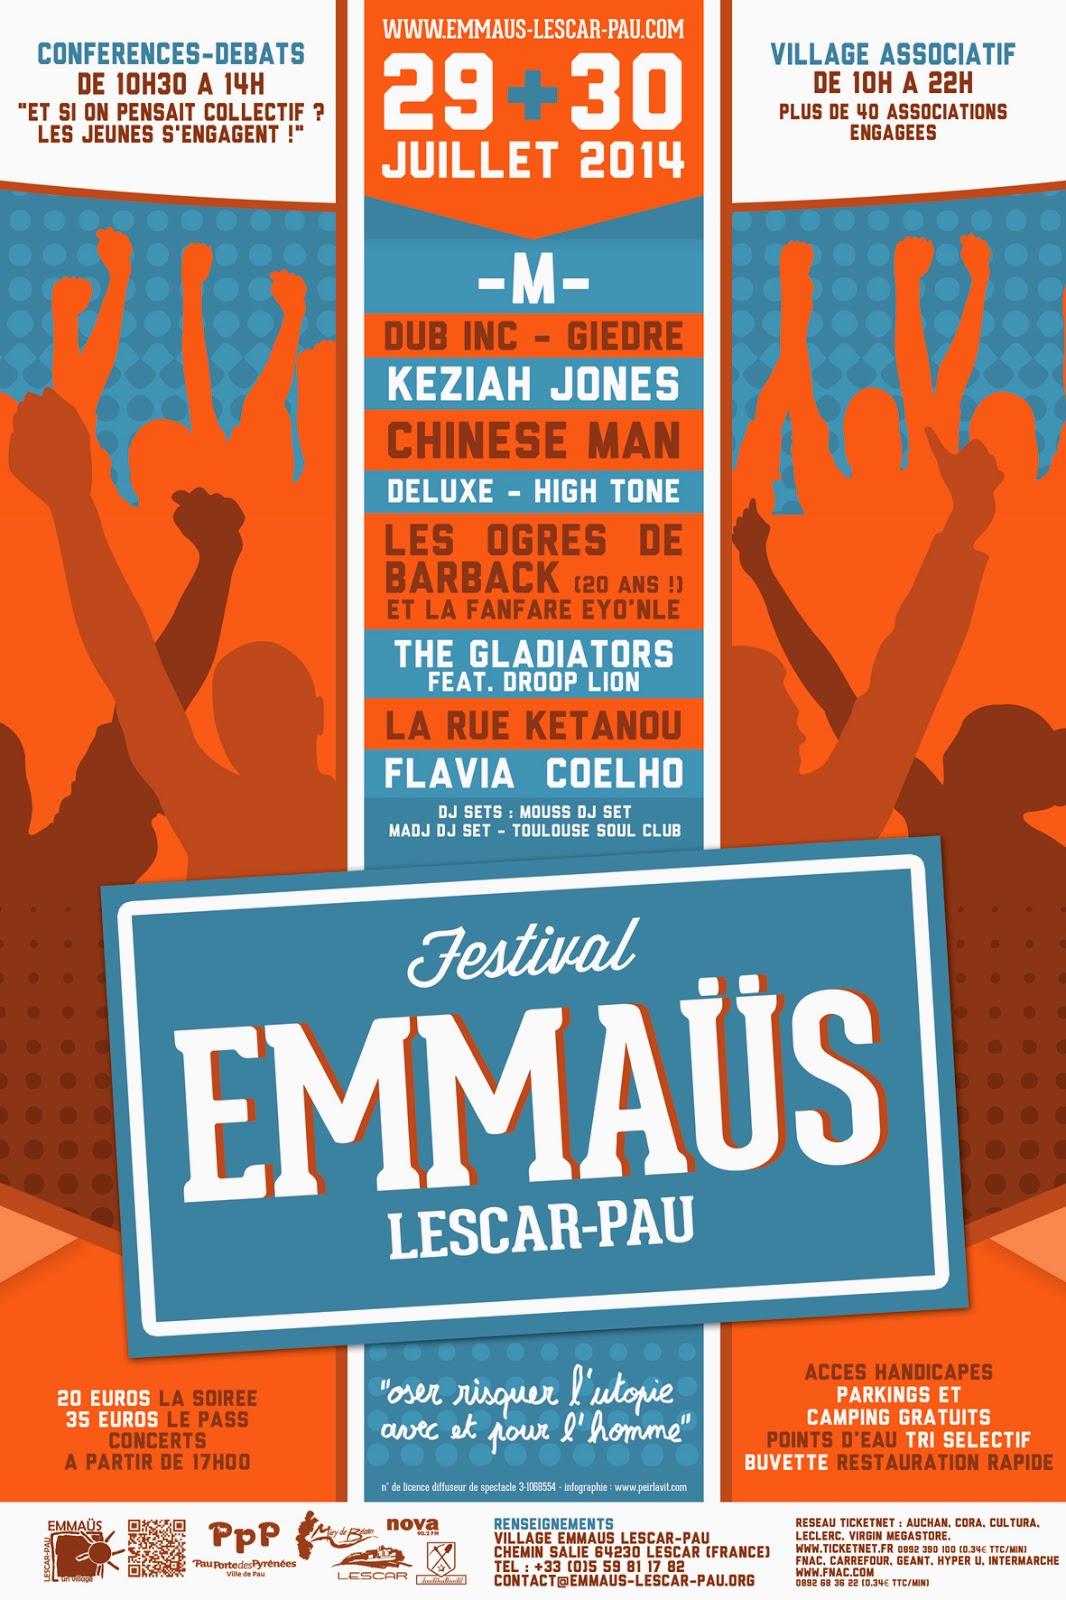 Le Festival Emmaüs 2014 de Pau Lescar 64